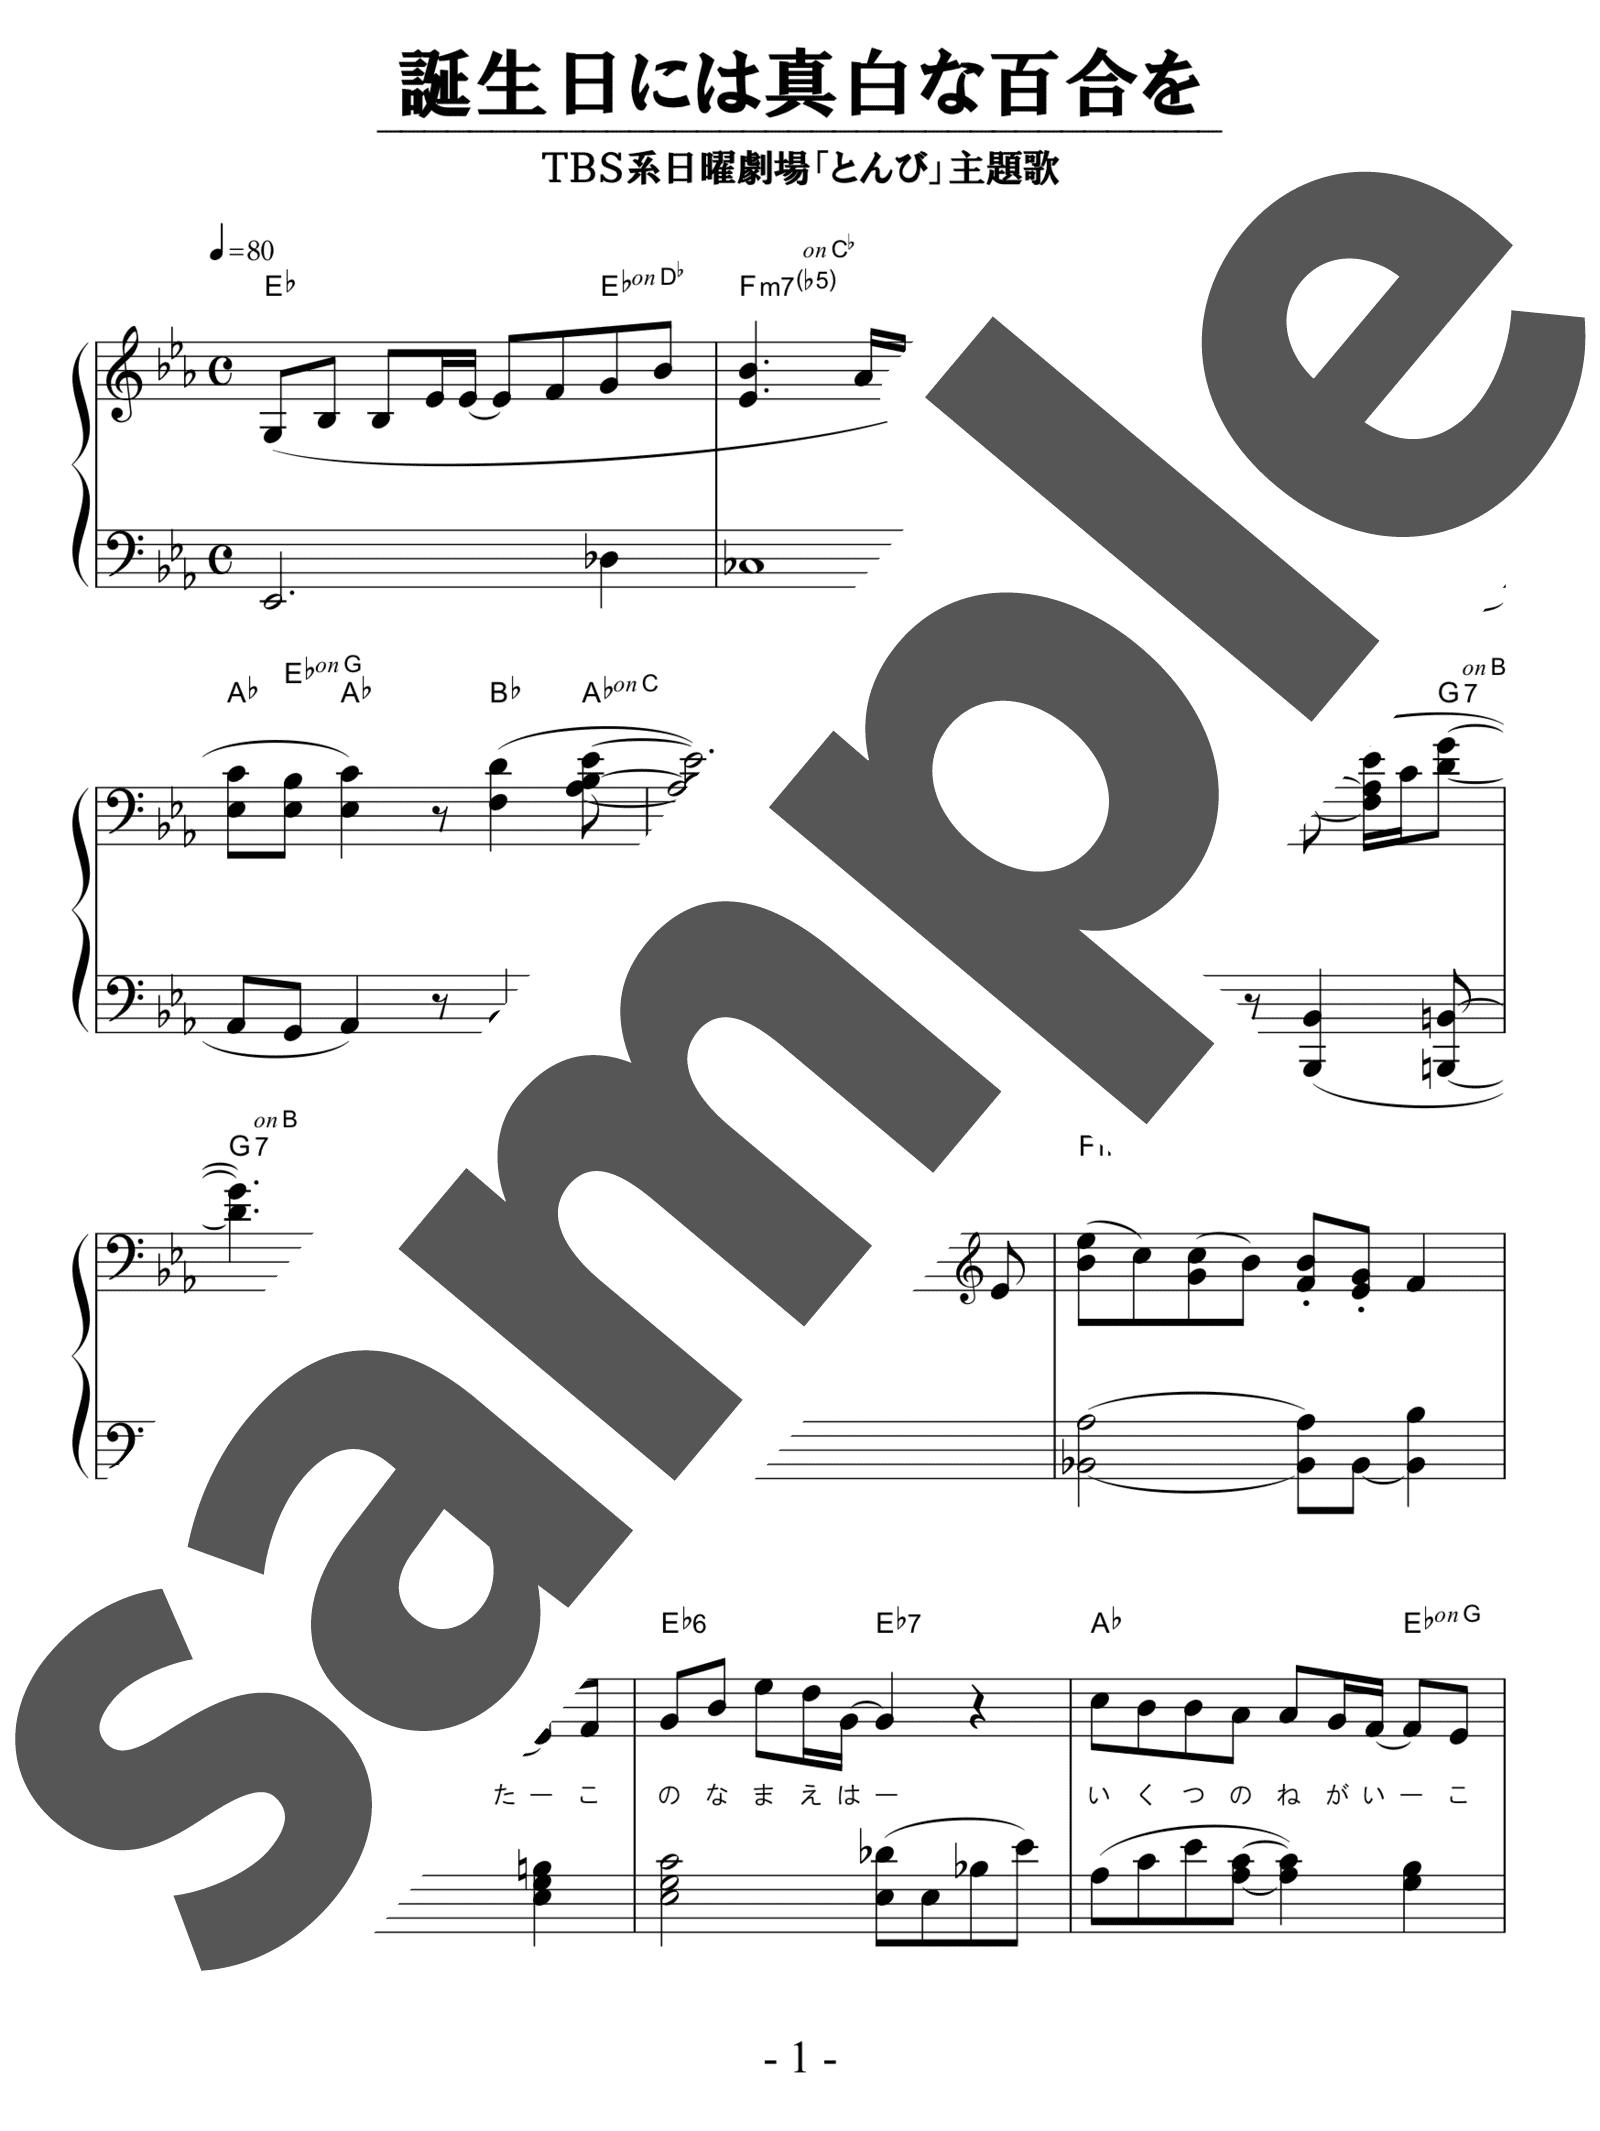 「誕生日には真白な百合を」のサンプル楽譜